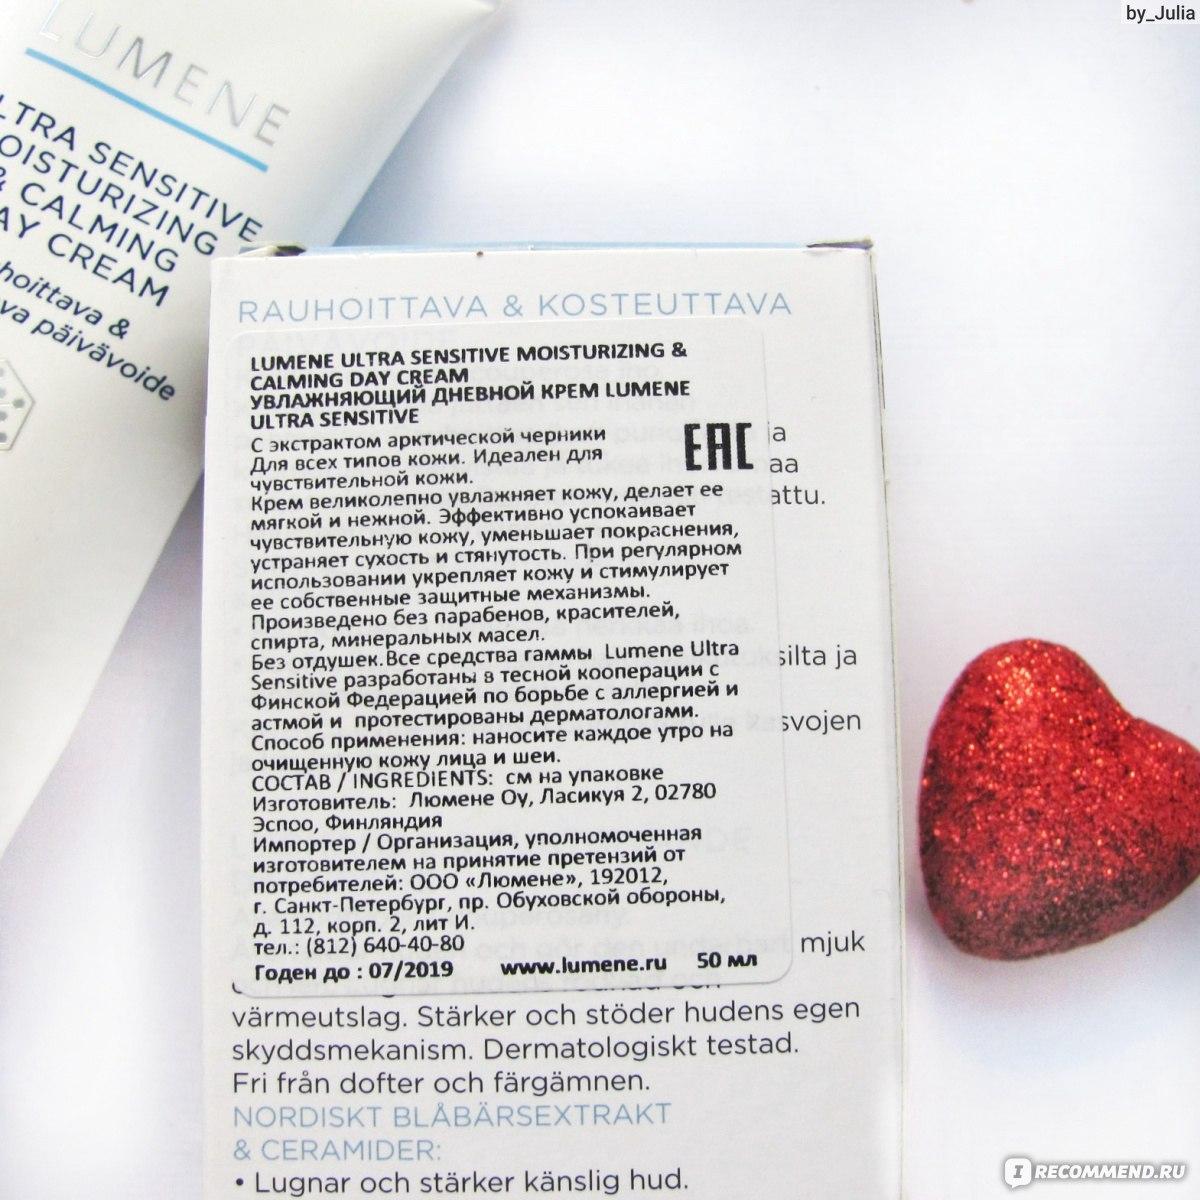 Смотреть Lumene ultra sensitive увлажняющий дневной крем отзывы видео